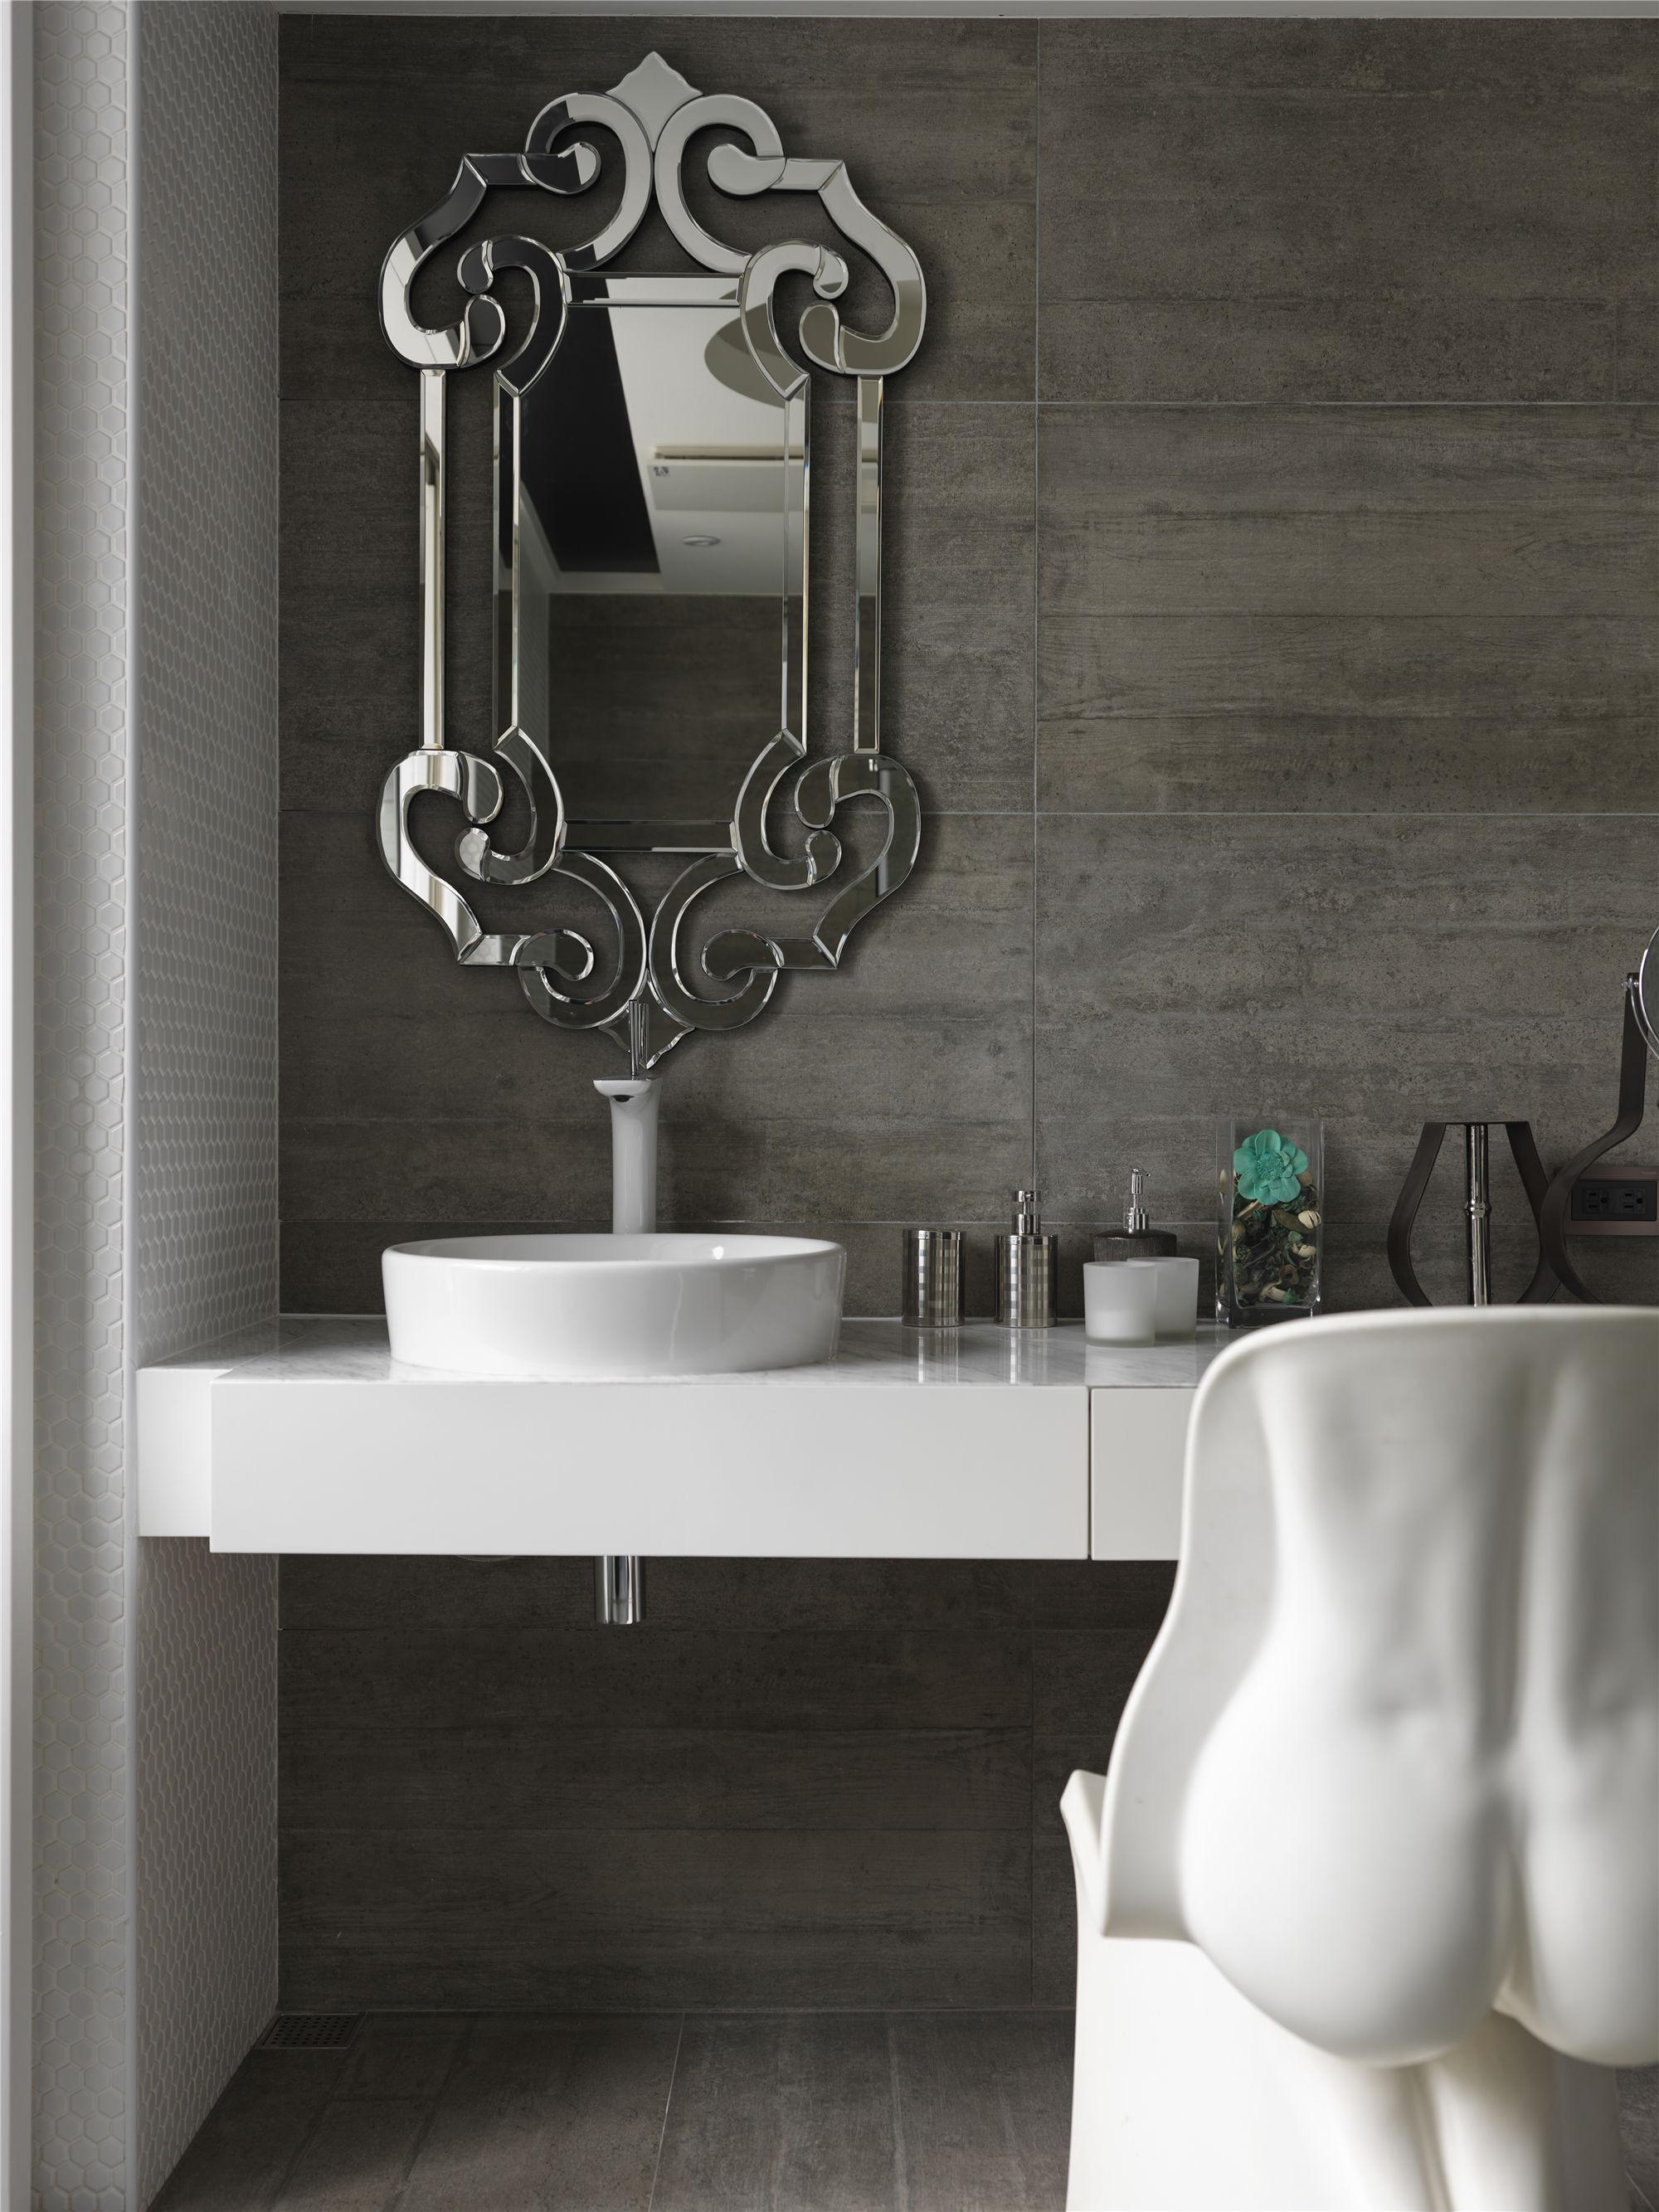 黑白灰现代简约空间装修梳妆台设计